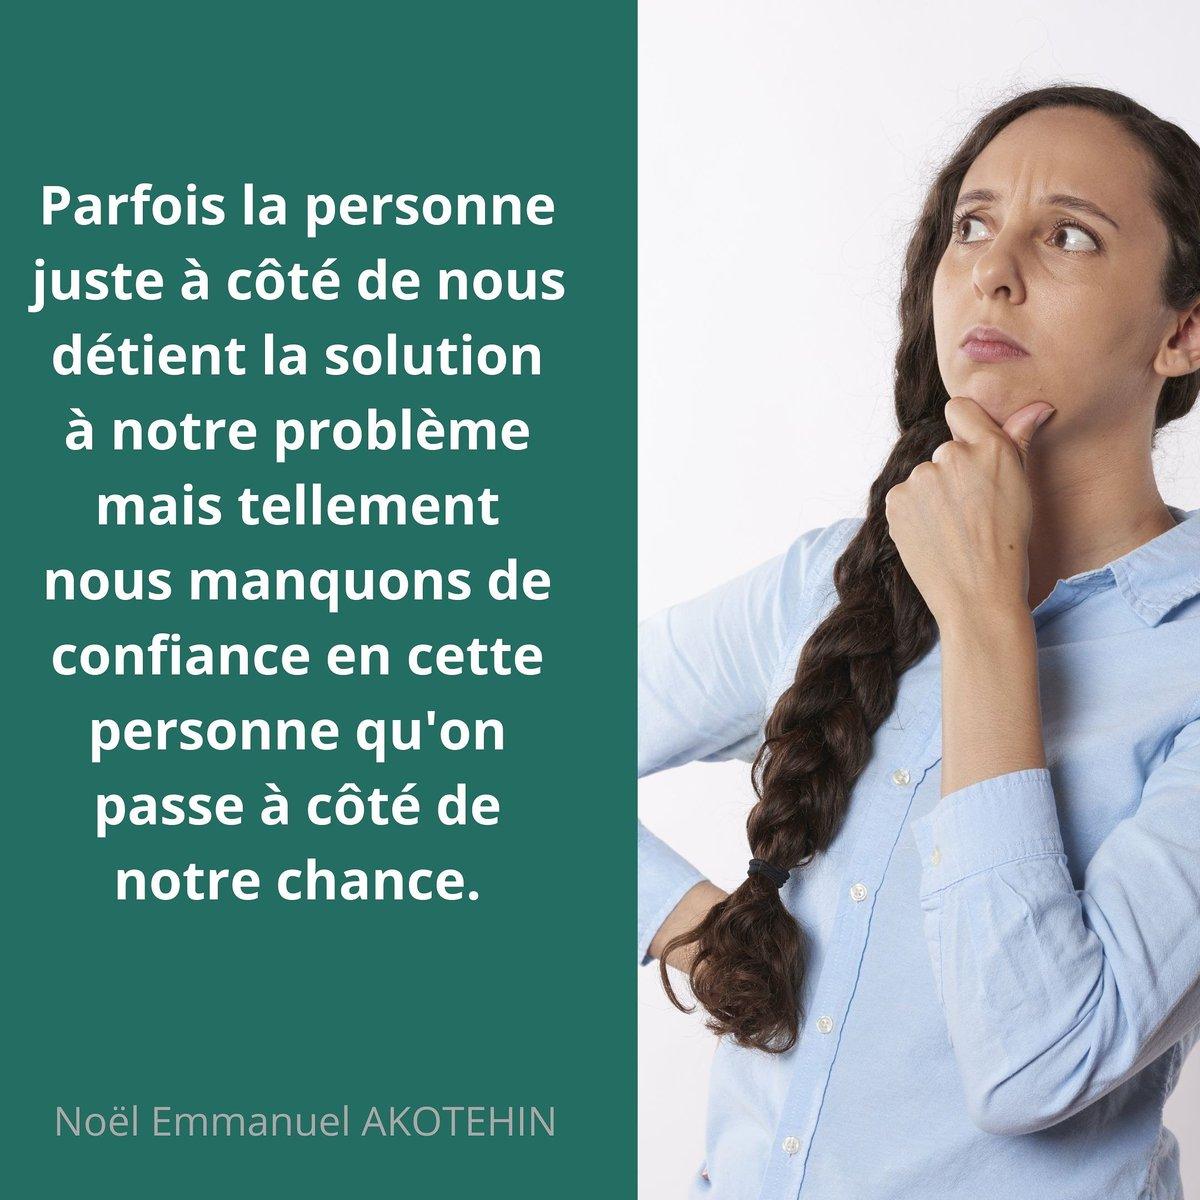 #penseedujour #confiance #solution #vivreheureux #20sur20pic.twitter.com/E4WbpxVyys